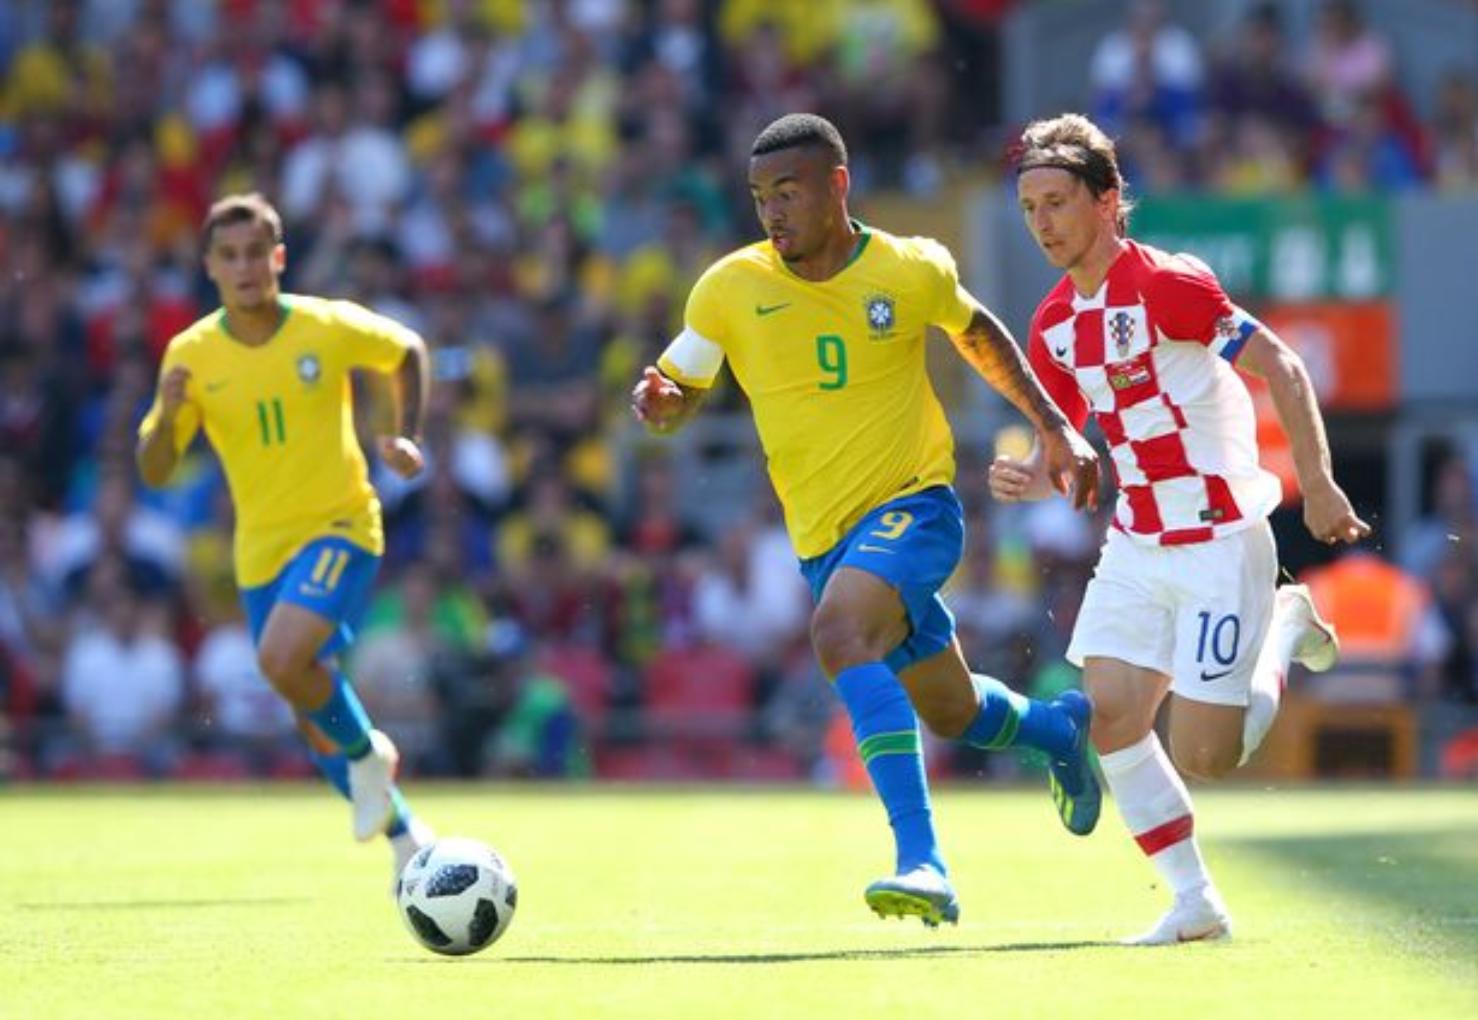 热苏斯谈世界杯:想和巴西队一起创造历史